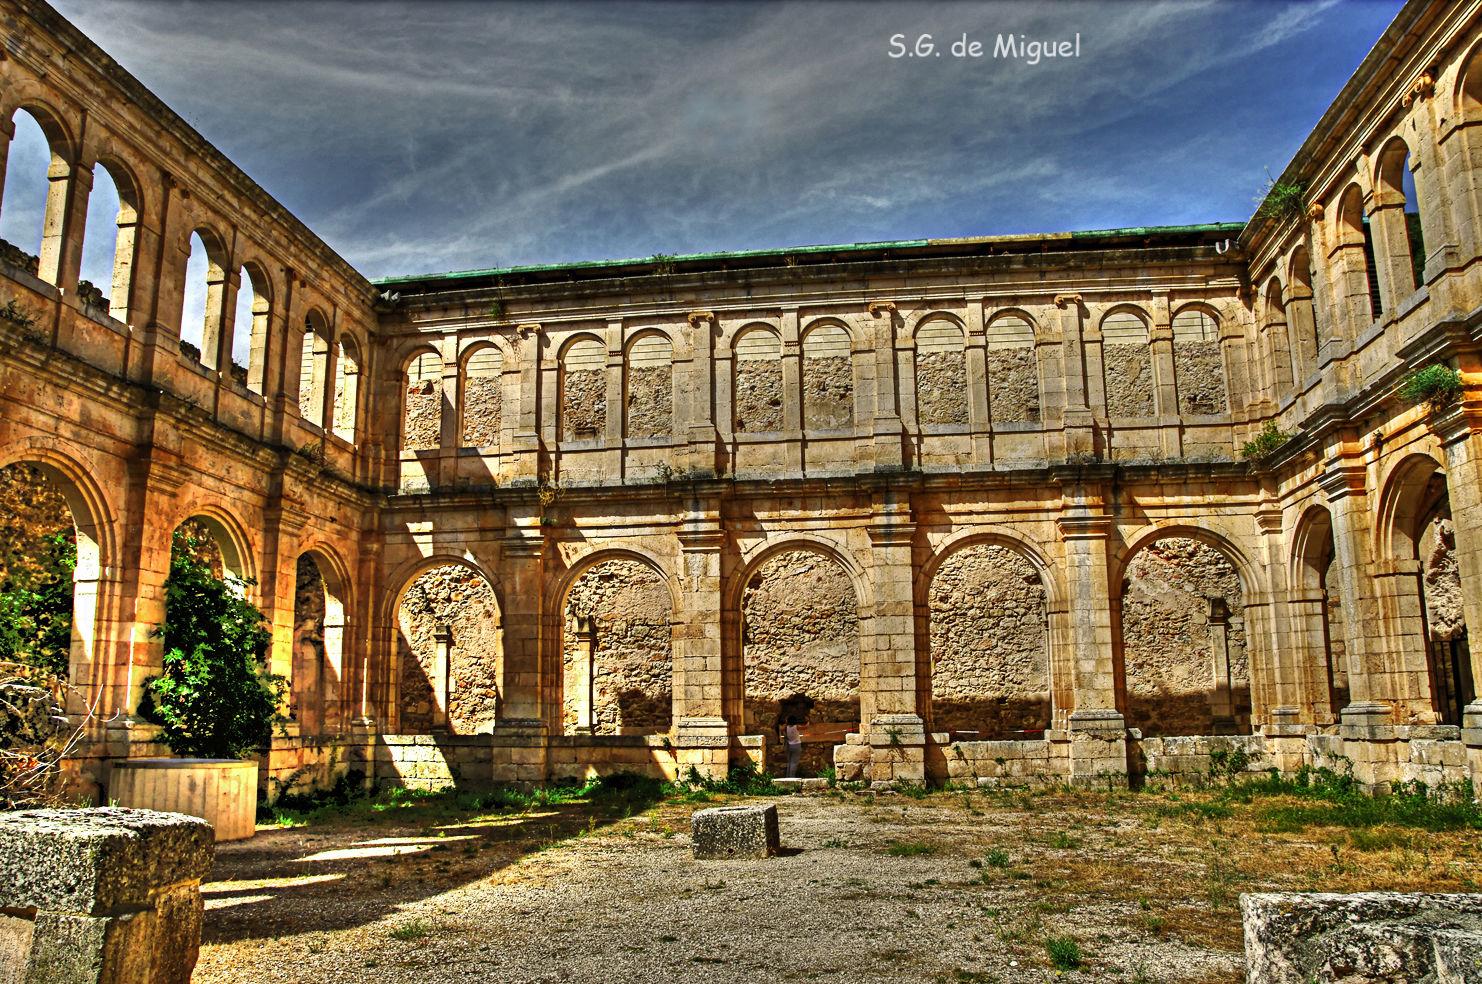 Los lugares abandonados más espectaculares de España Monasterio-de-San-Pedro-de-Arlanza-1